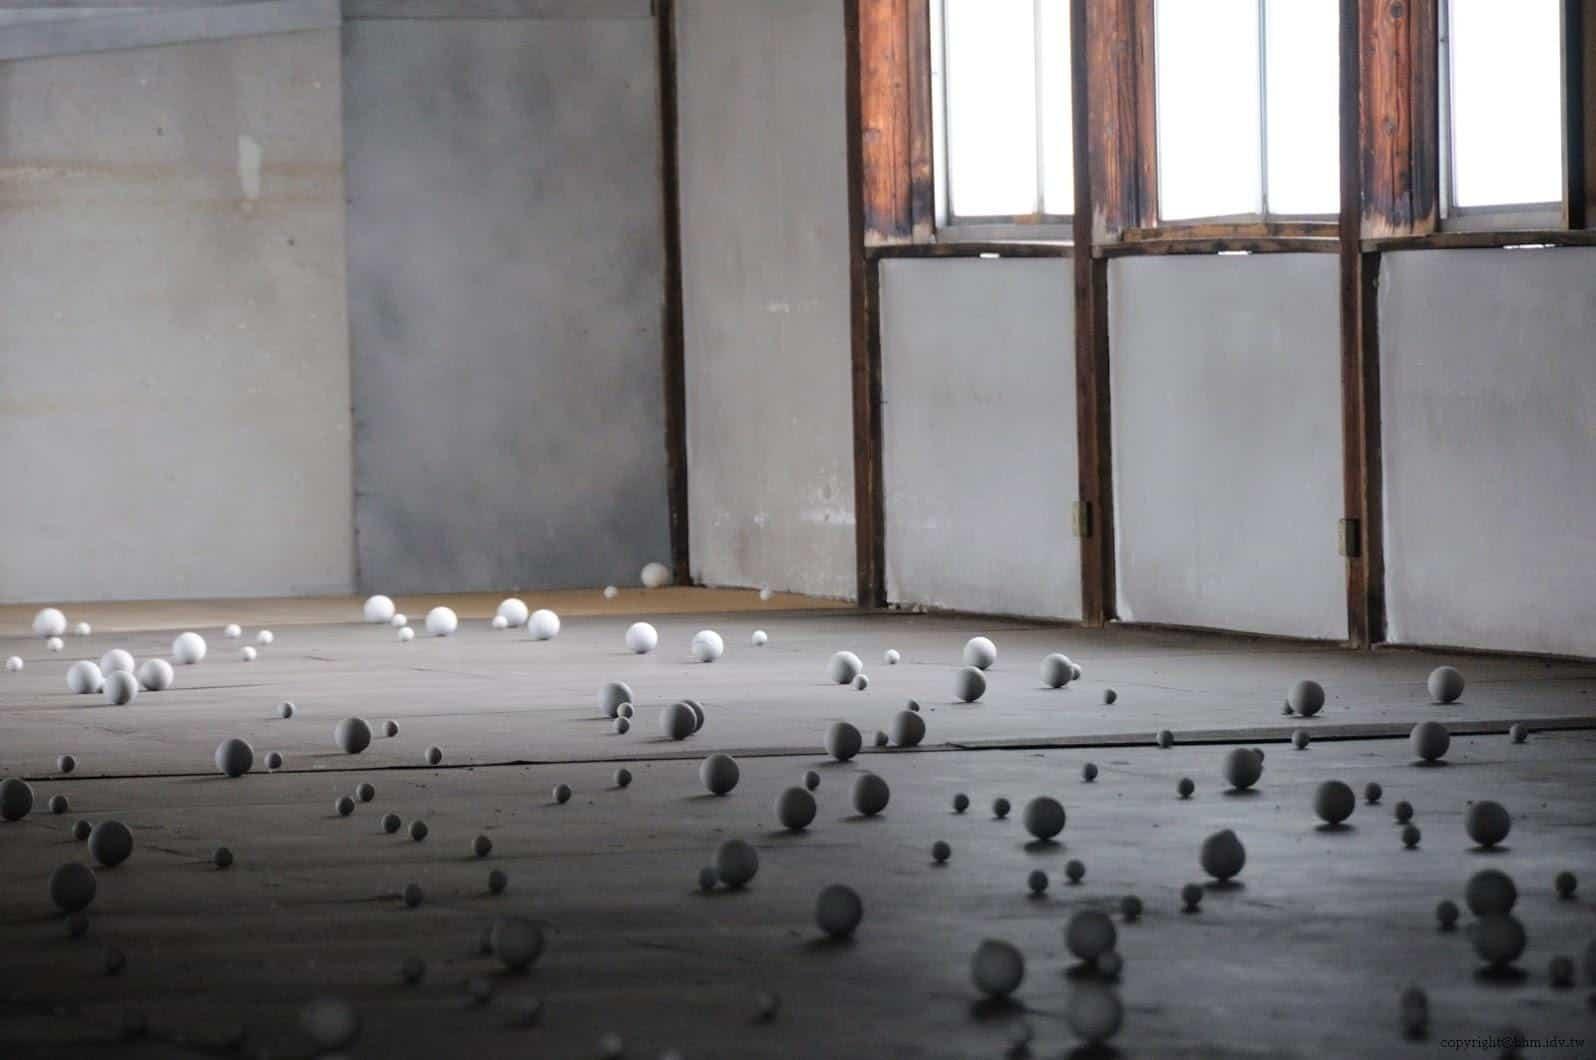 達米安‧奧爾特加,Warp Cloud,二樓的球體散佈於地面上,與一樓的懸掛完全不同調 warp cloud Warp Cloud warp cloud 06